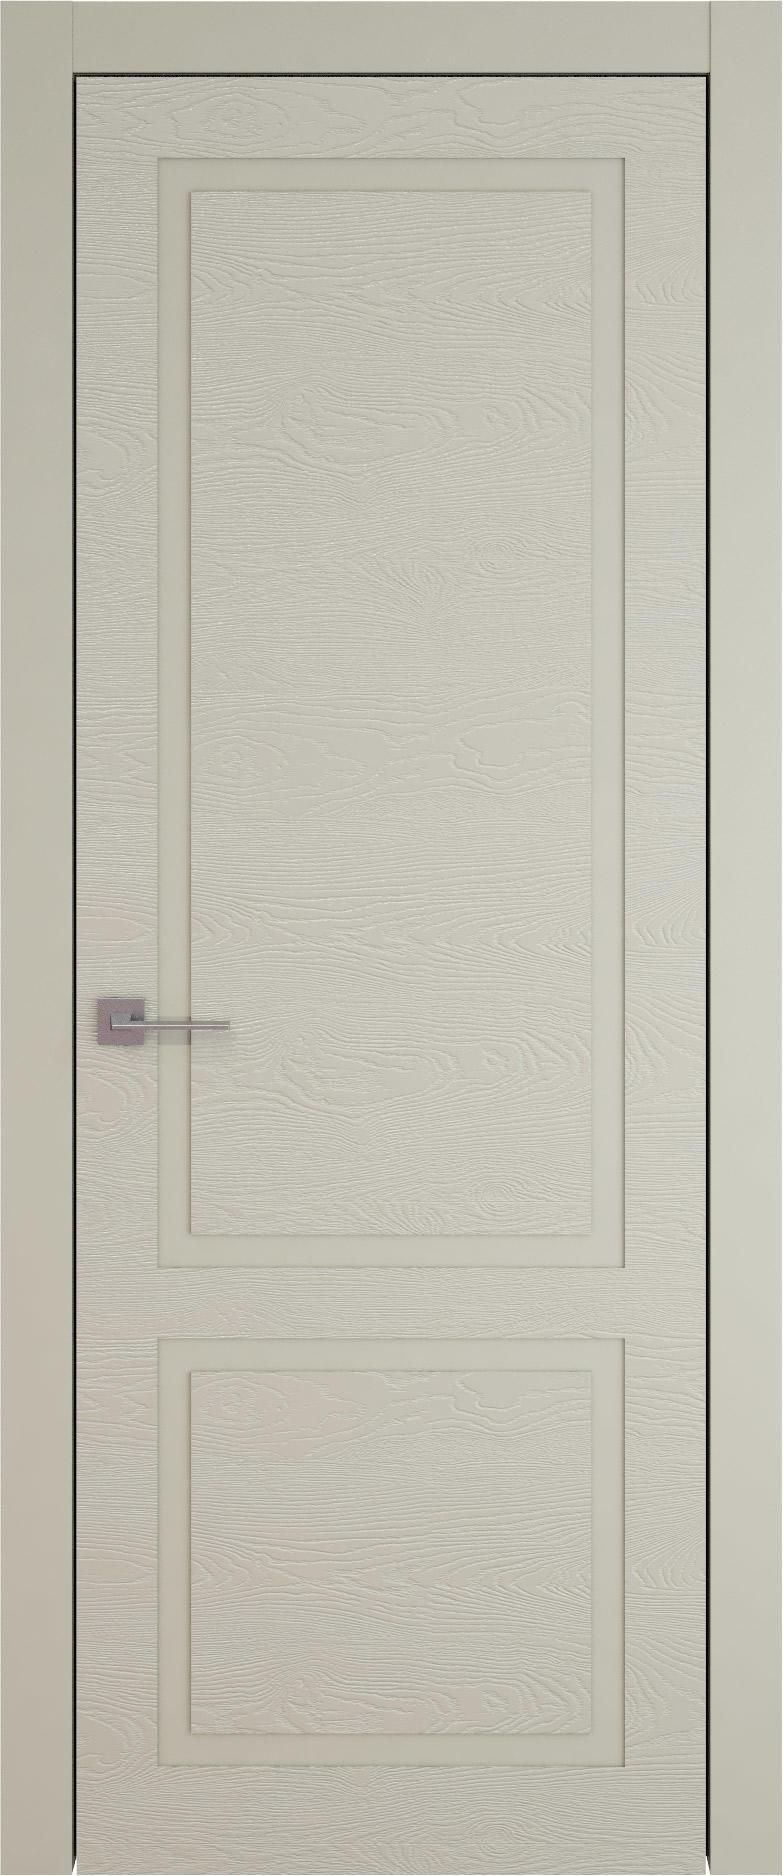 Tivoli И-5 цвет - Серо-оливковая эмаль по шпону (RAL 7032) Без стекла (ДГ)